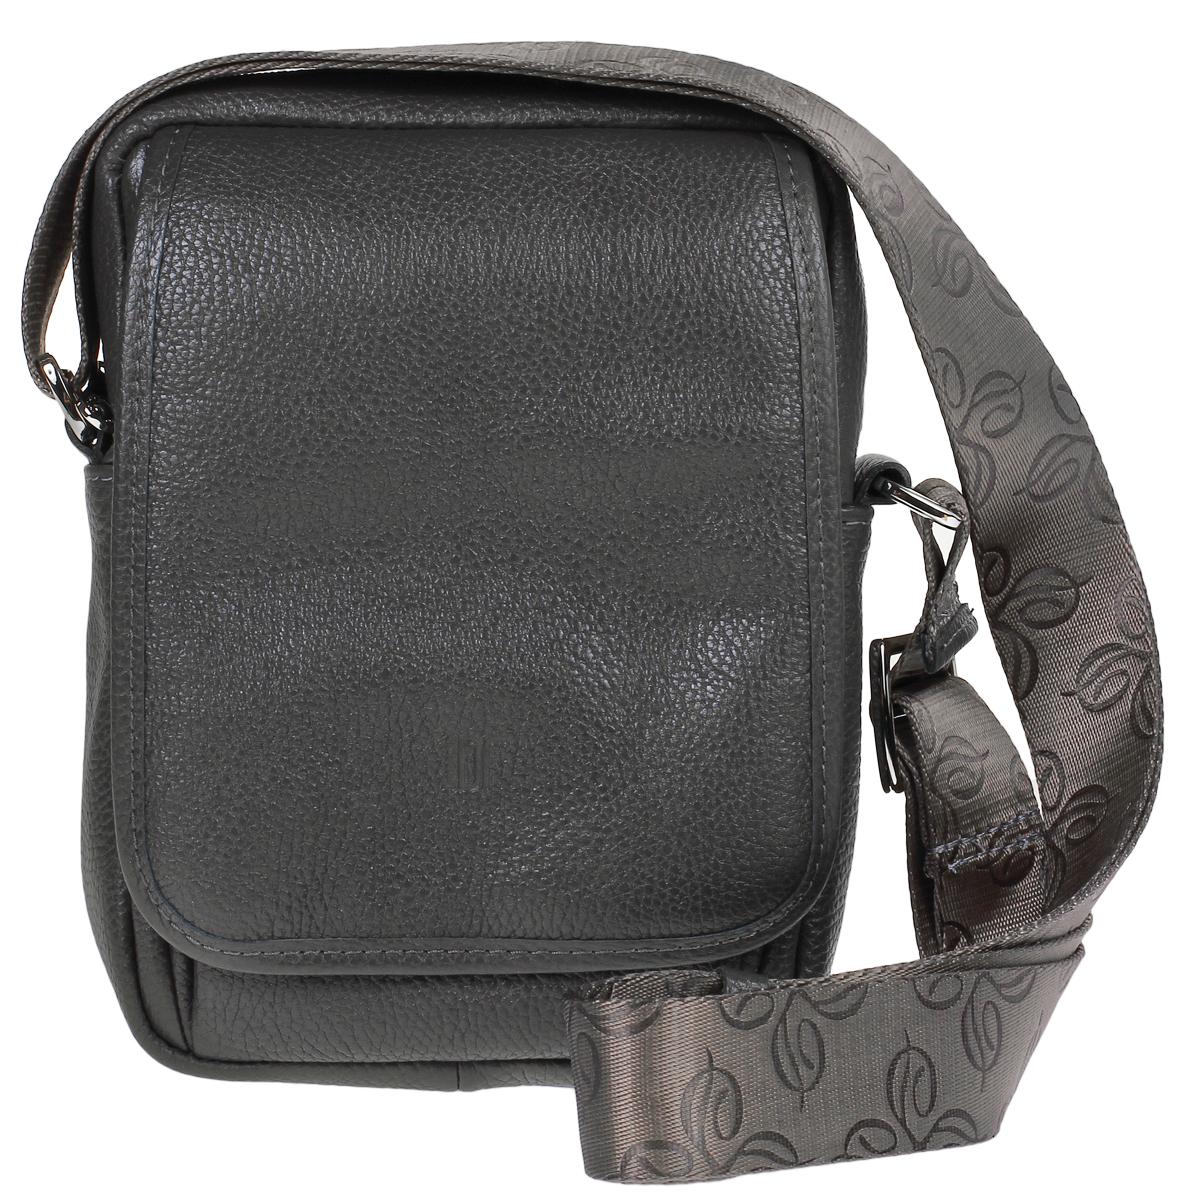 Сумка женская Dimanche Classic, цвет: серый. 508/24508/24Стильная женская сумка Dimanche Classic выполнена из натуральной высококачественной кожи серого цвета. Сумка имеет одно отделение и закрывается на застежку-молнию. Внутри - накладной кармашек. На внешней стороне сумки расположен кармашек, который закрывается на молнию и дополнительно клапаном. На задней стороне сумки расположен вшитый кармашек на молнии. Внутри расположено два кармашка для телефона или мелочей. Сумка оснащена ручкой лентой. Фурнитура - серебристого цвета. Сумка упакована в фирменный текстильный мешок. Сумка женская Dimanche Shop Bag подчеркнет вашу яркую индивидуальность и сделает образ завершенным. Характеристики: Материал: натуральная кожа, текстиль, металл. Цвет: серый. Размер сумки: 22 см х 16 см х 7 см. Длина плечевого ремня: 75 см.